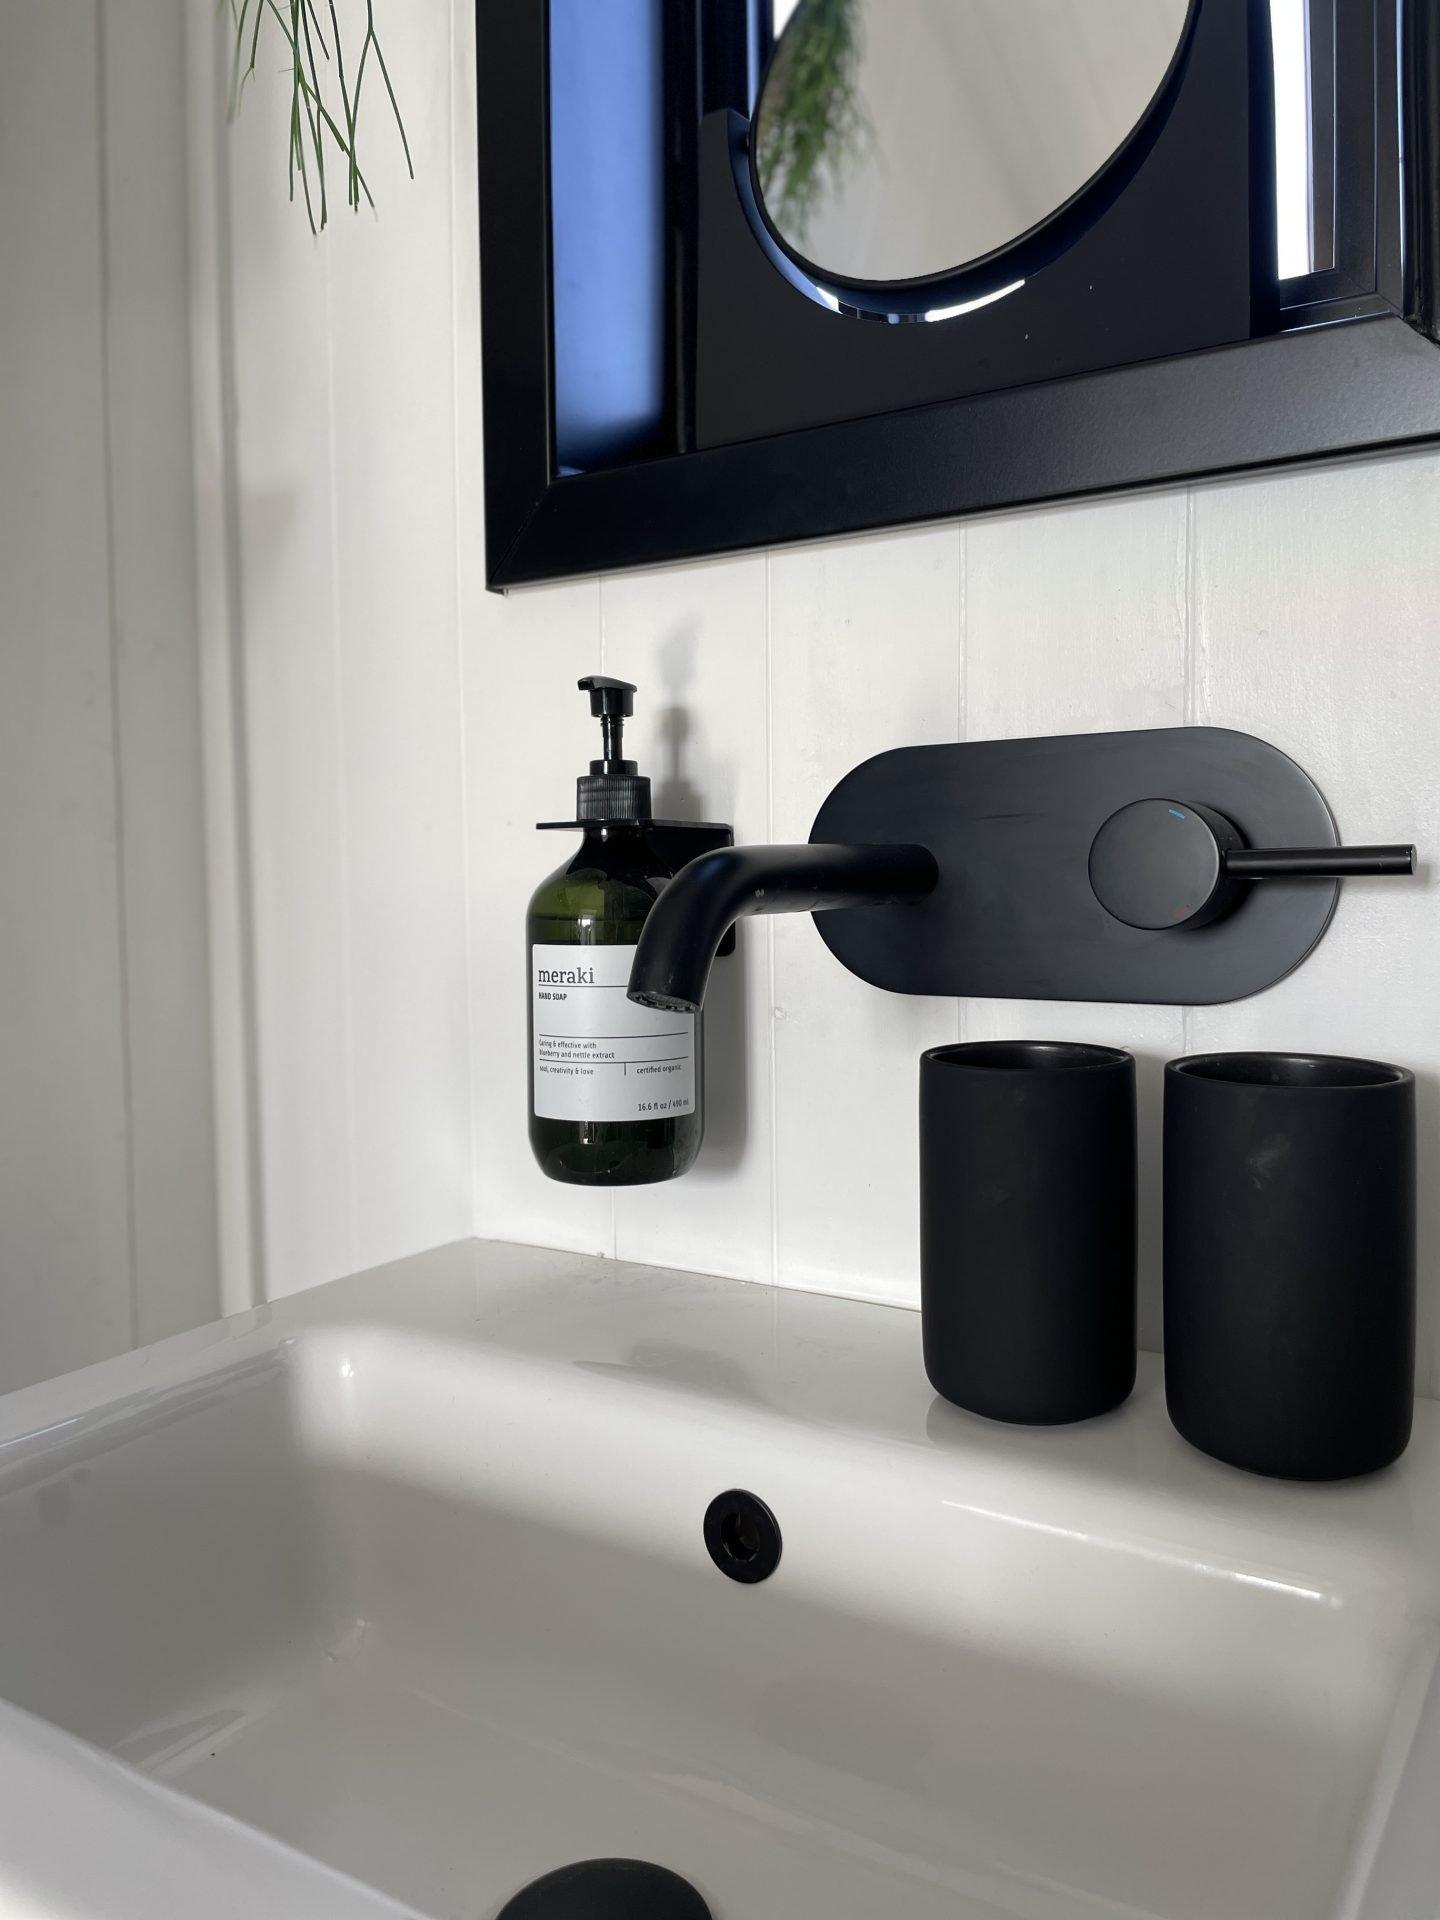 Black taps and vanity sink